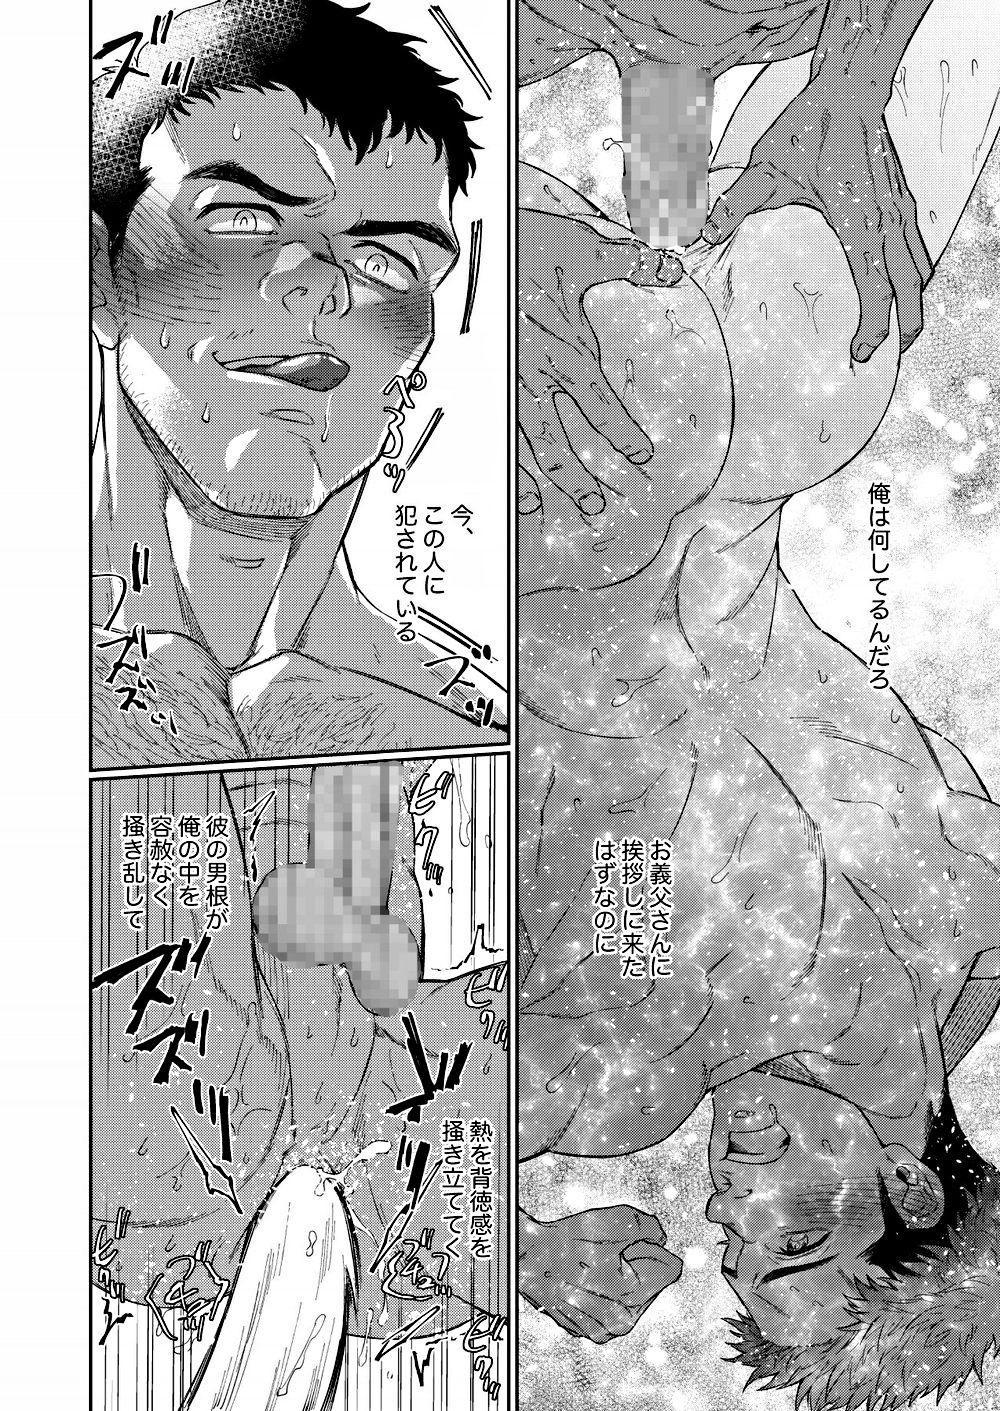 Kamishimo o nuide hitotsu bureikō 27